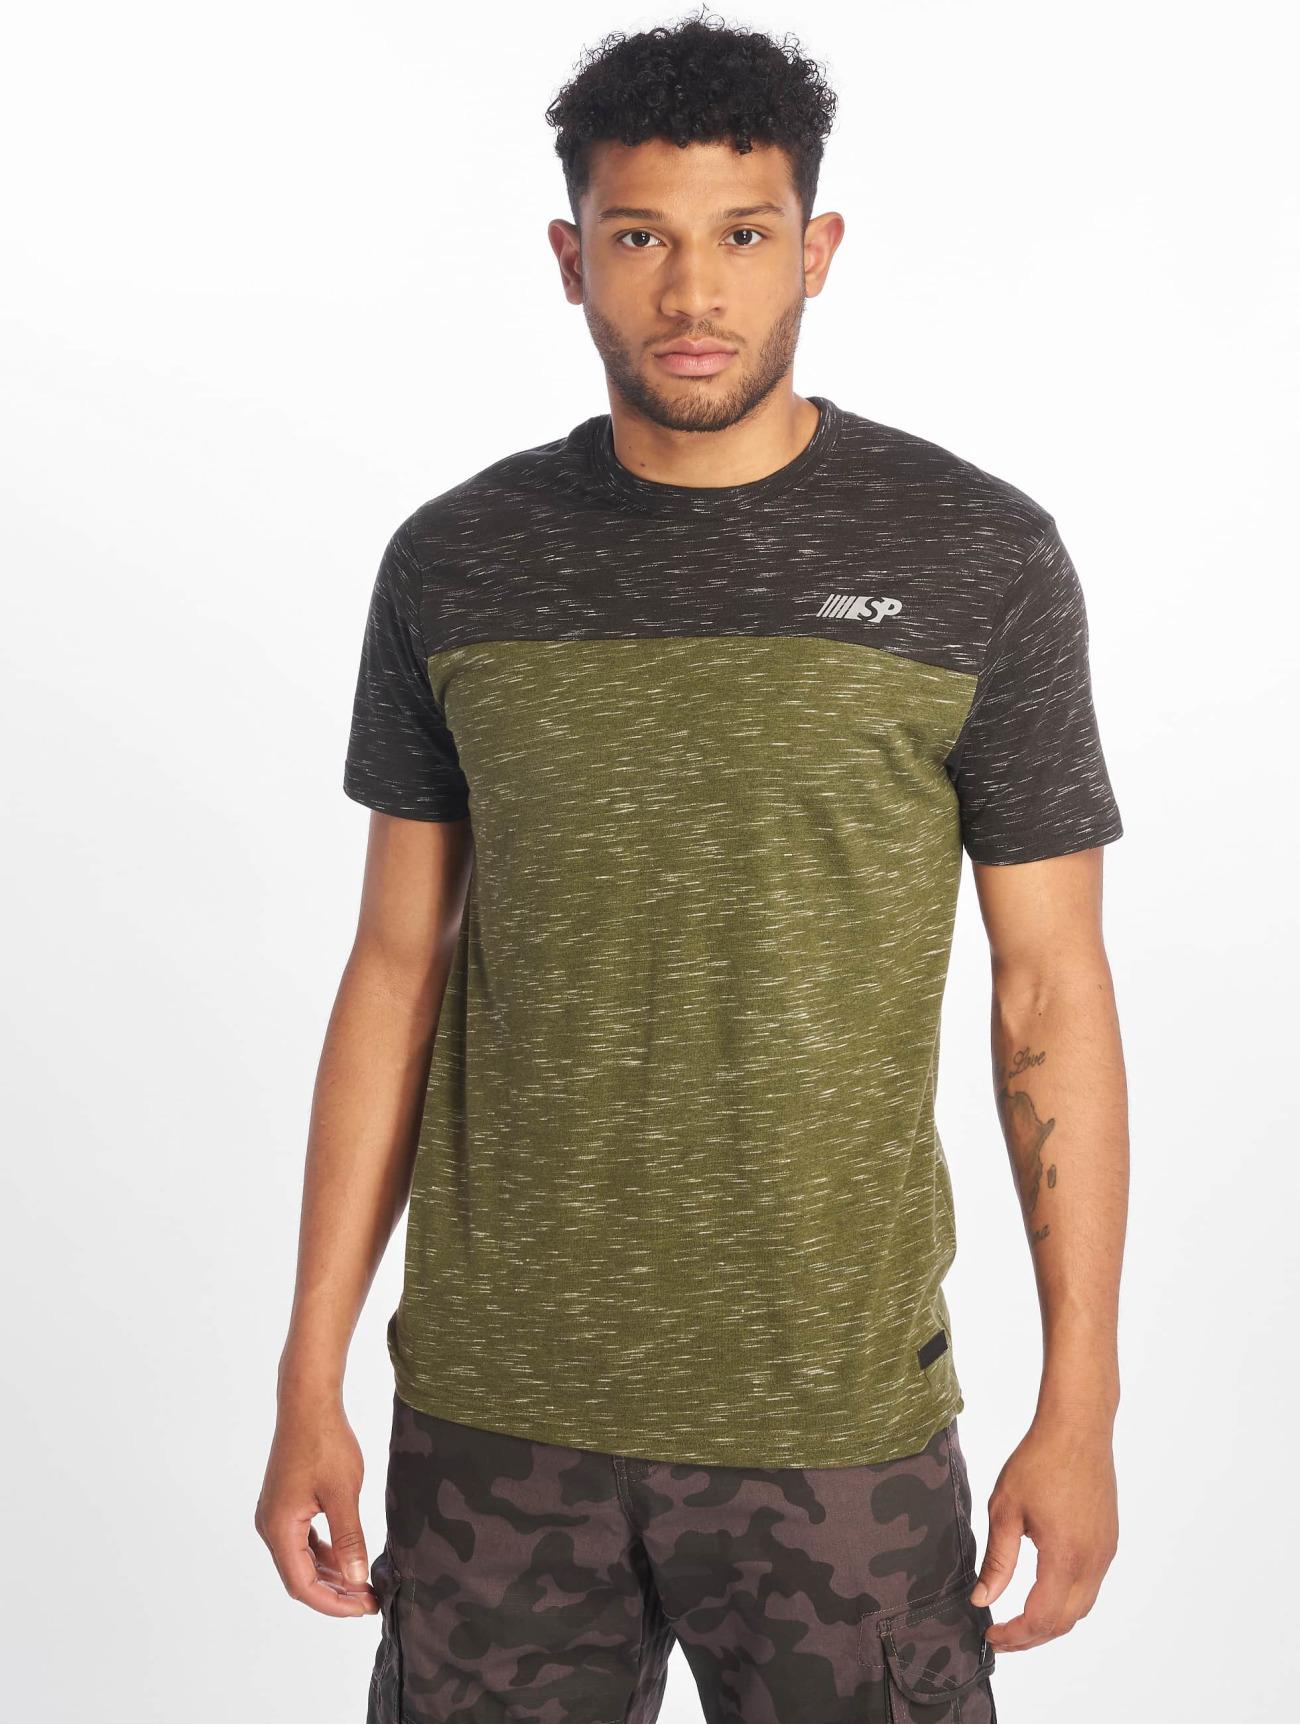 Southpole Överdel / T-shirt Color Block Tech i oliv 675307 Män Överdelar